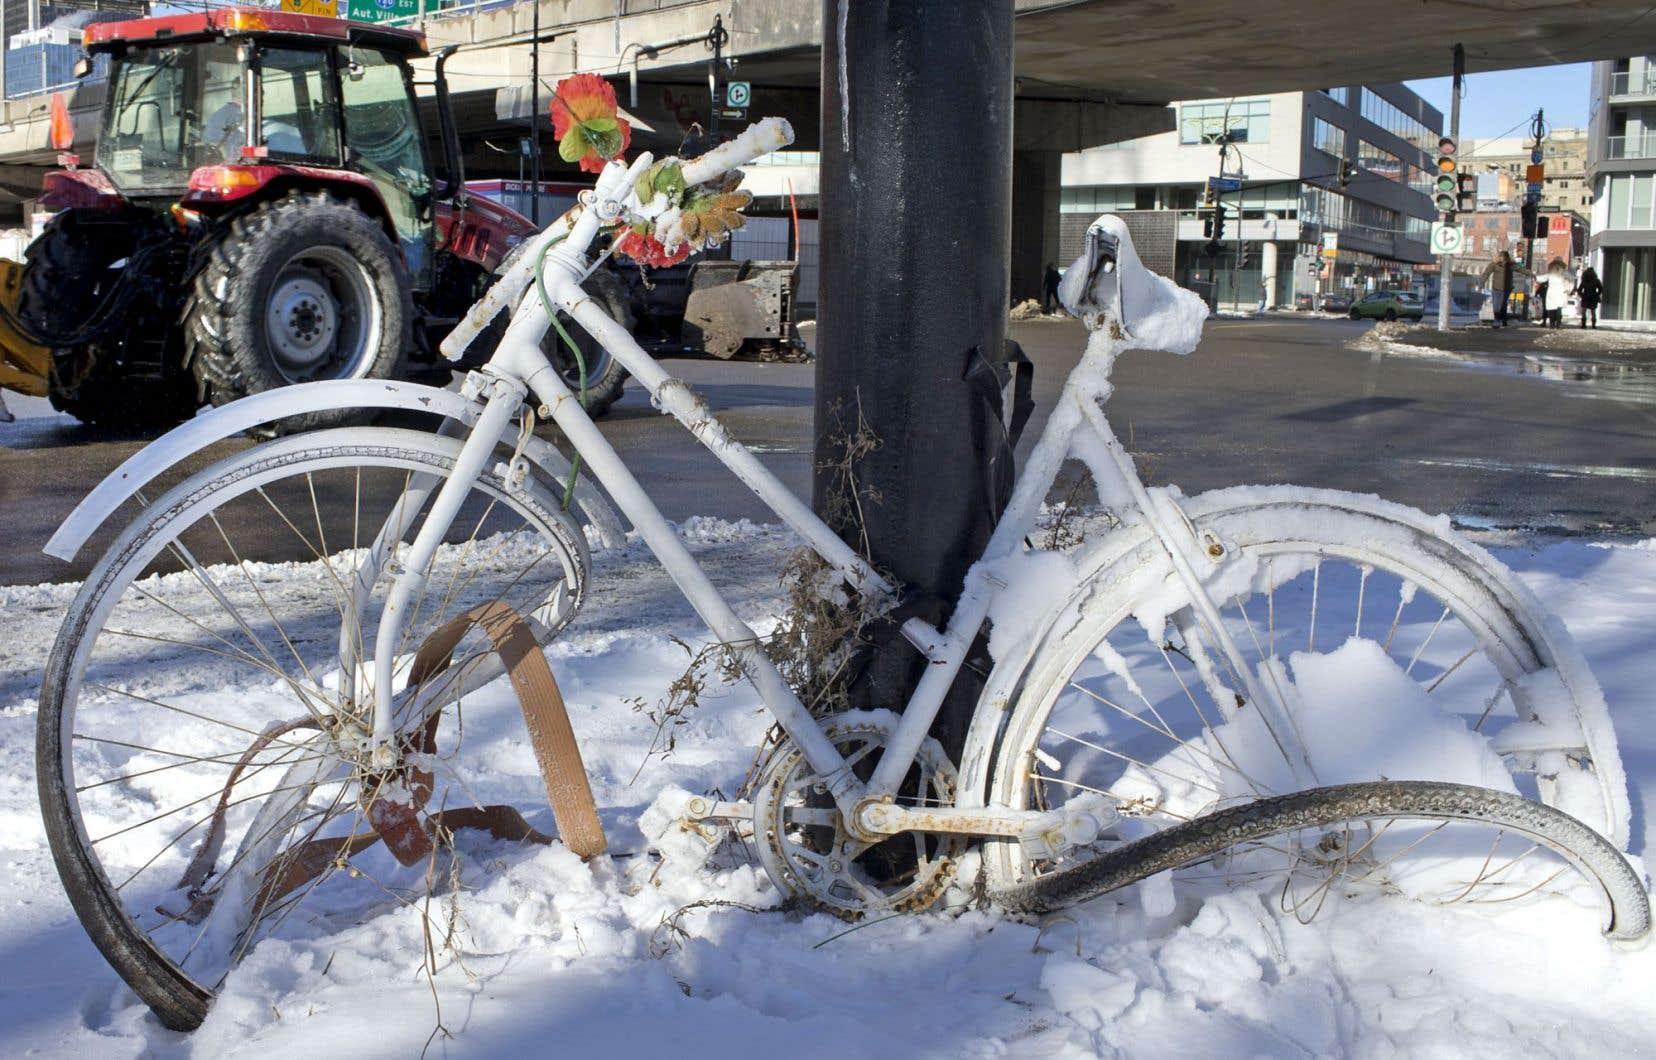 Un vélo blanc a été installé à l'endroit où est décédé le cycliste Salim Aoudia en novembre 2014. Le coroner chargé de cette enquête a dévoilé son rapport mercredi.